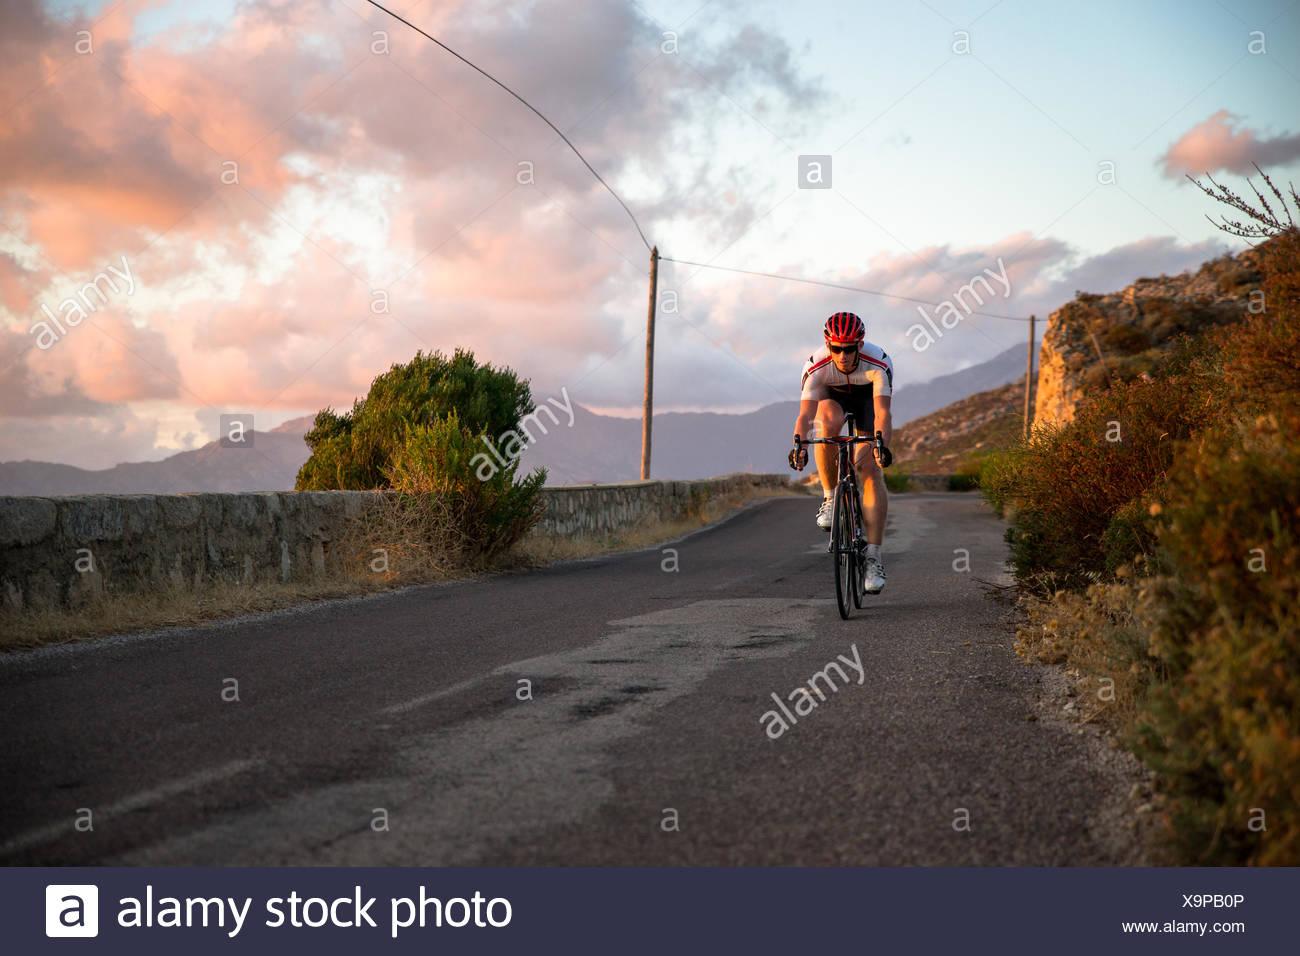 La France, la Corse, le cyclisme sur route au-dessus de la mer au coucher du soleil Photo Stock